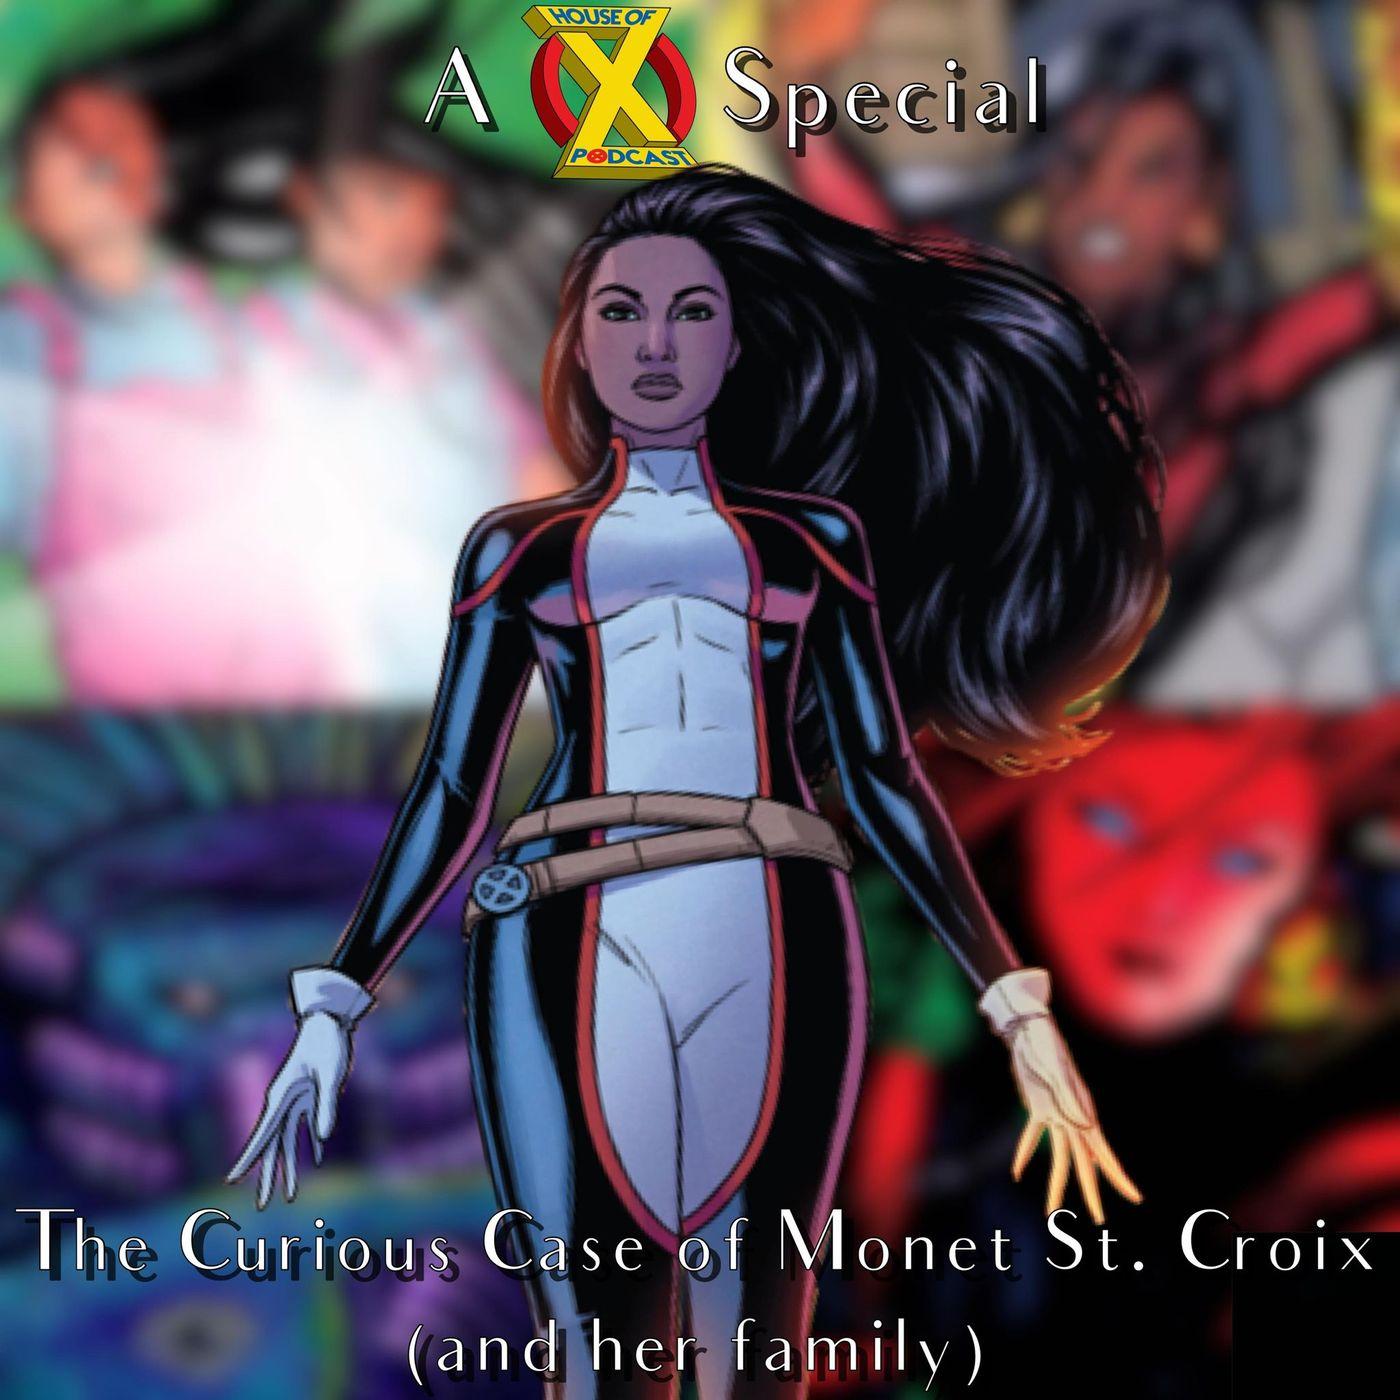 Episode 50 - The Curious Case of Monet St. Croix